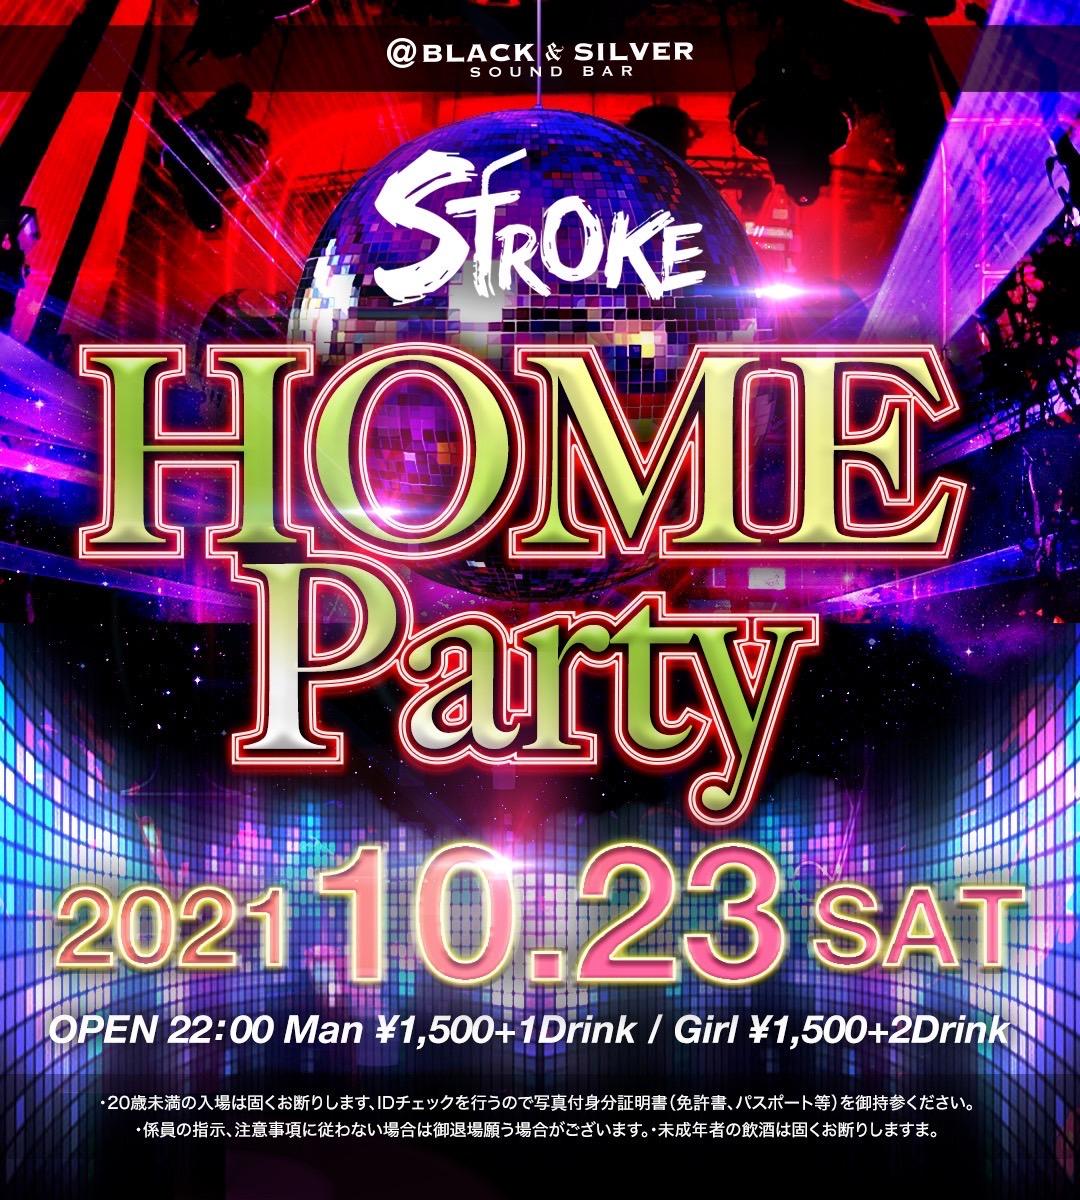 STROKE(10/23)